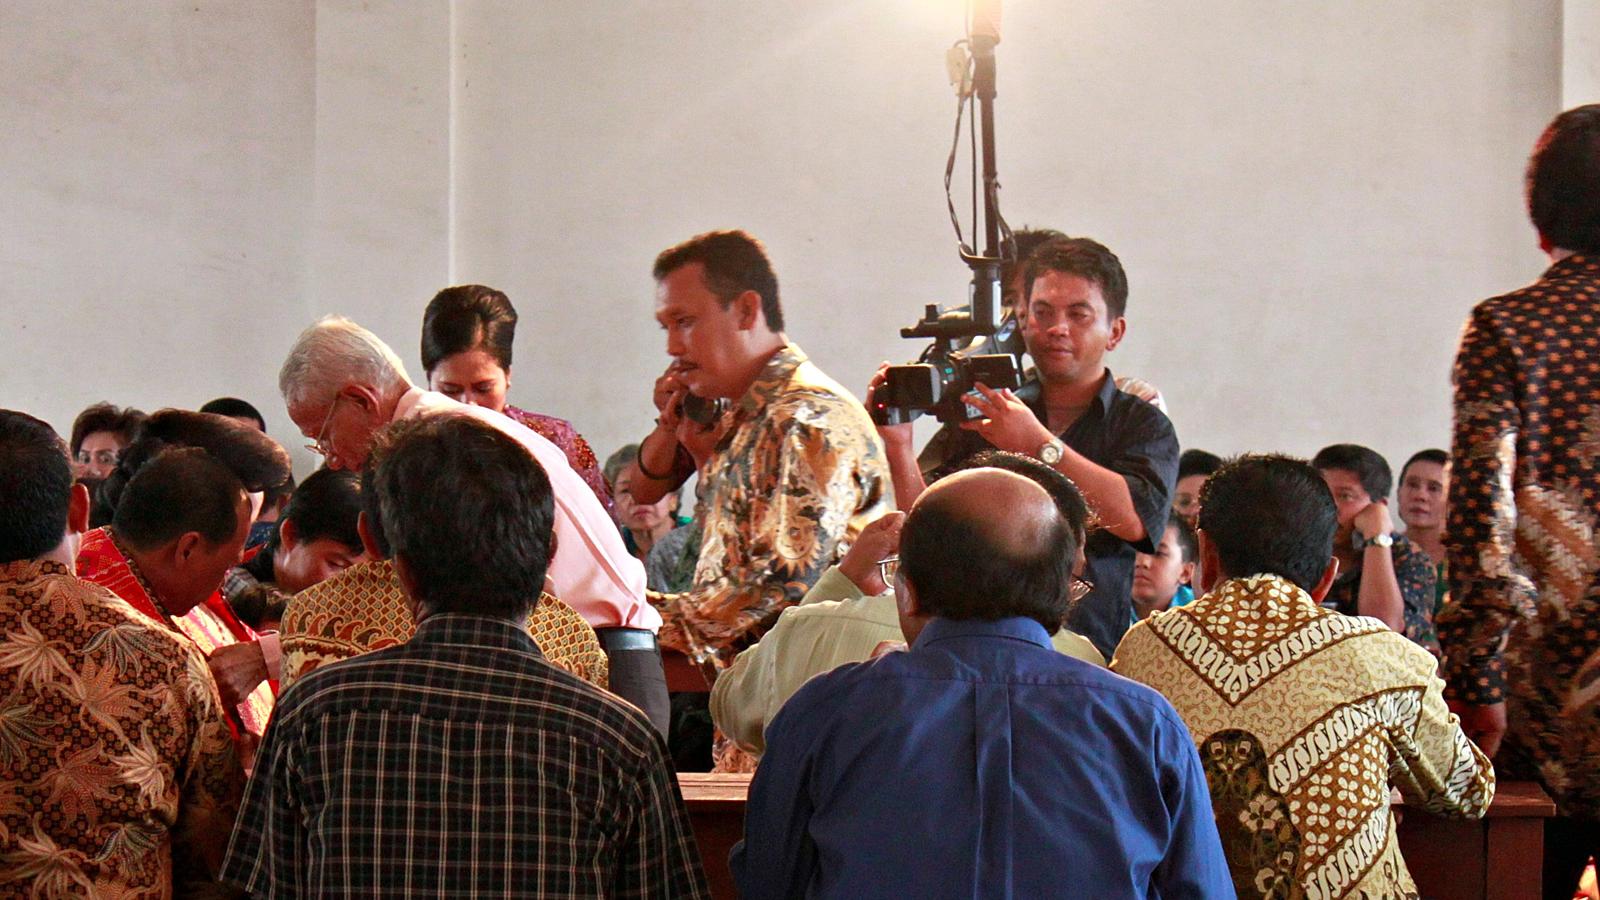 Perayaan acara pesta Batak di sebuah wisma.